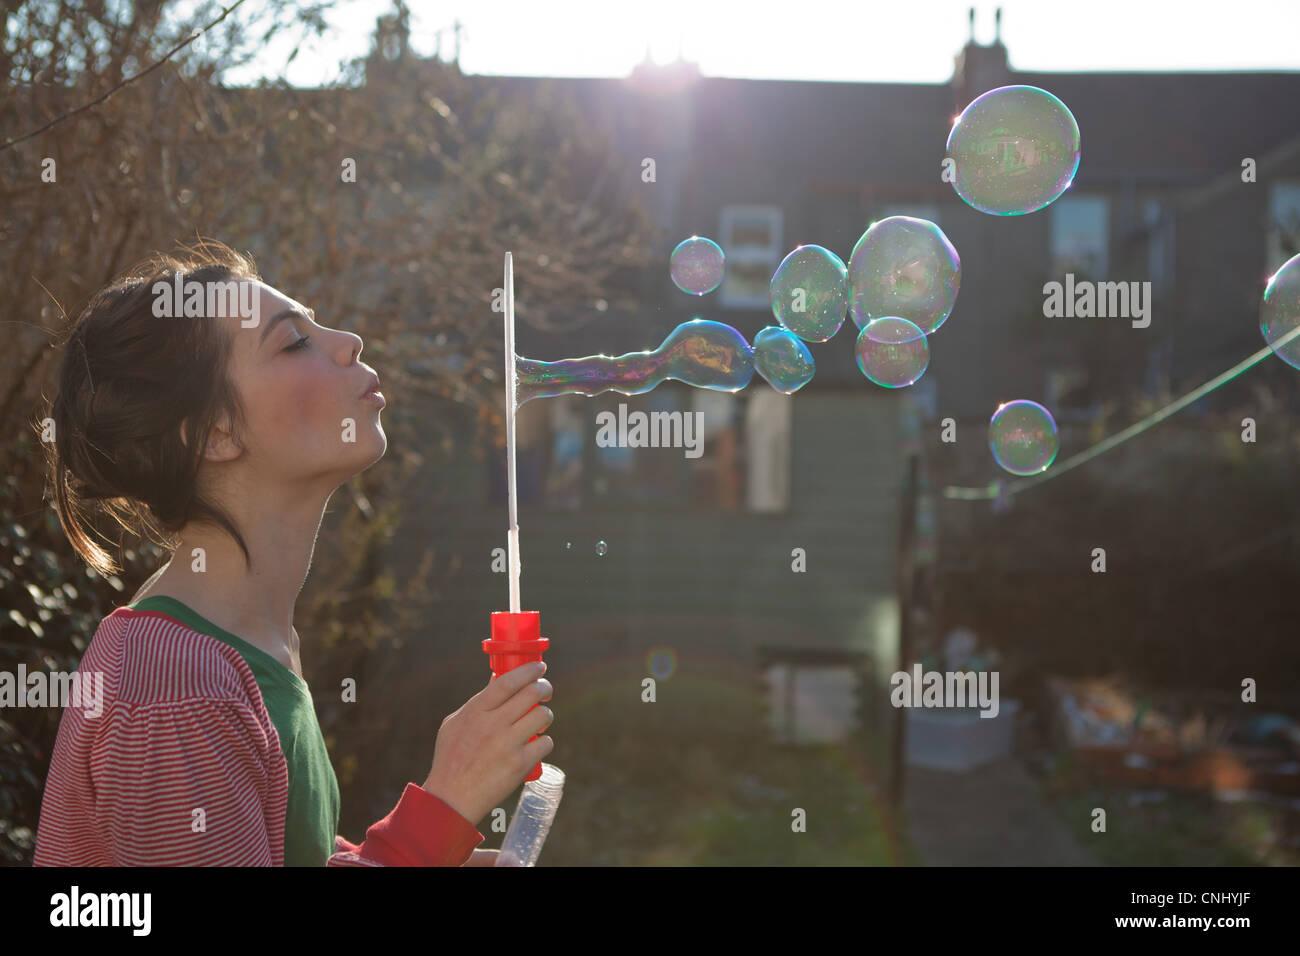 Mujer joven soplando burbujas al aire libre Imagen De Stock